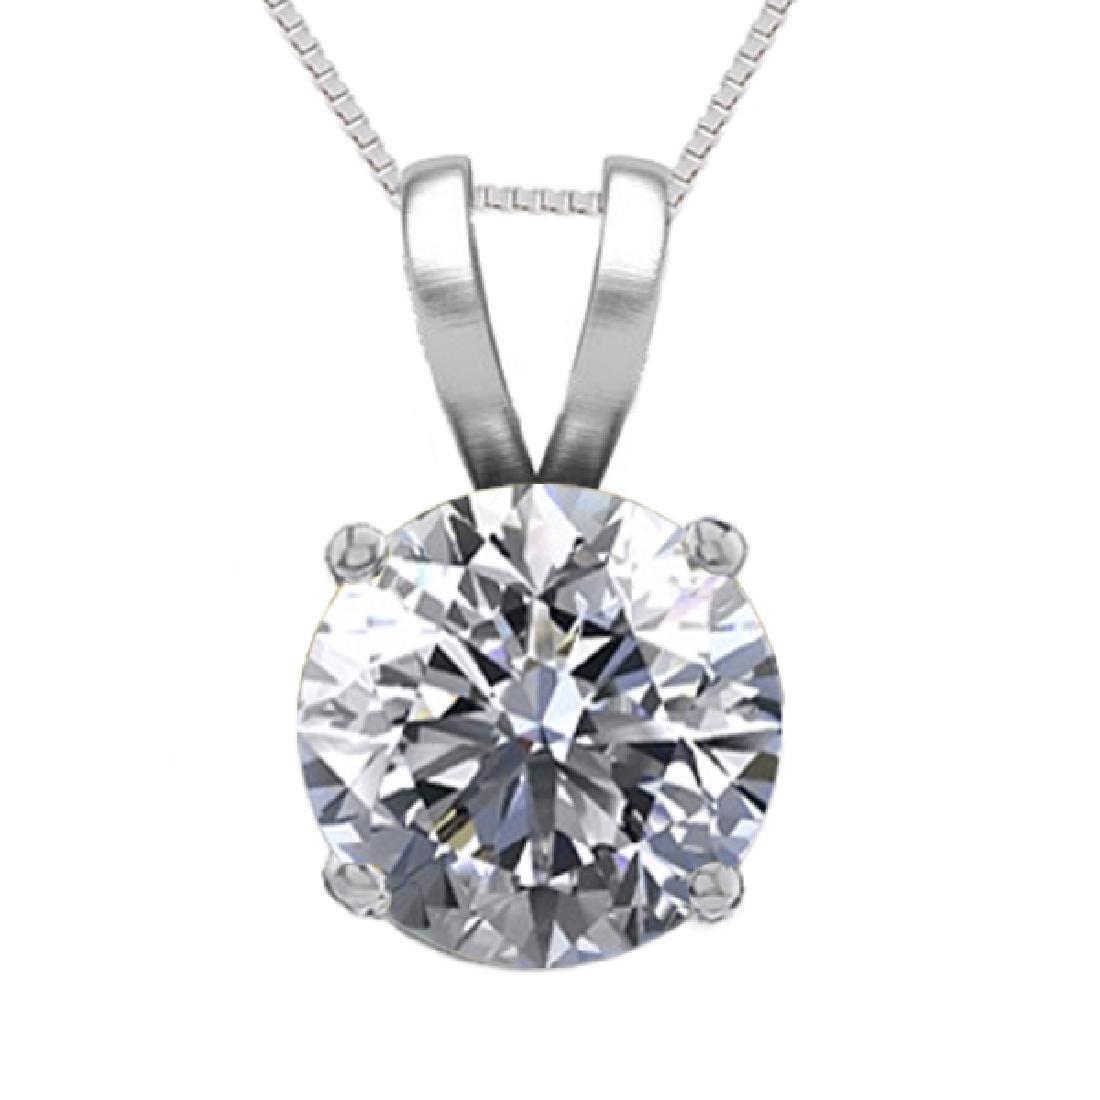 14K White Gold Jewelry 1.05 ct Natural Diamond